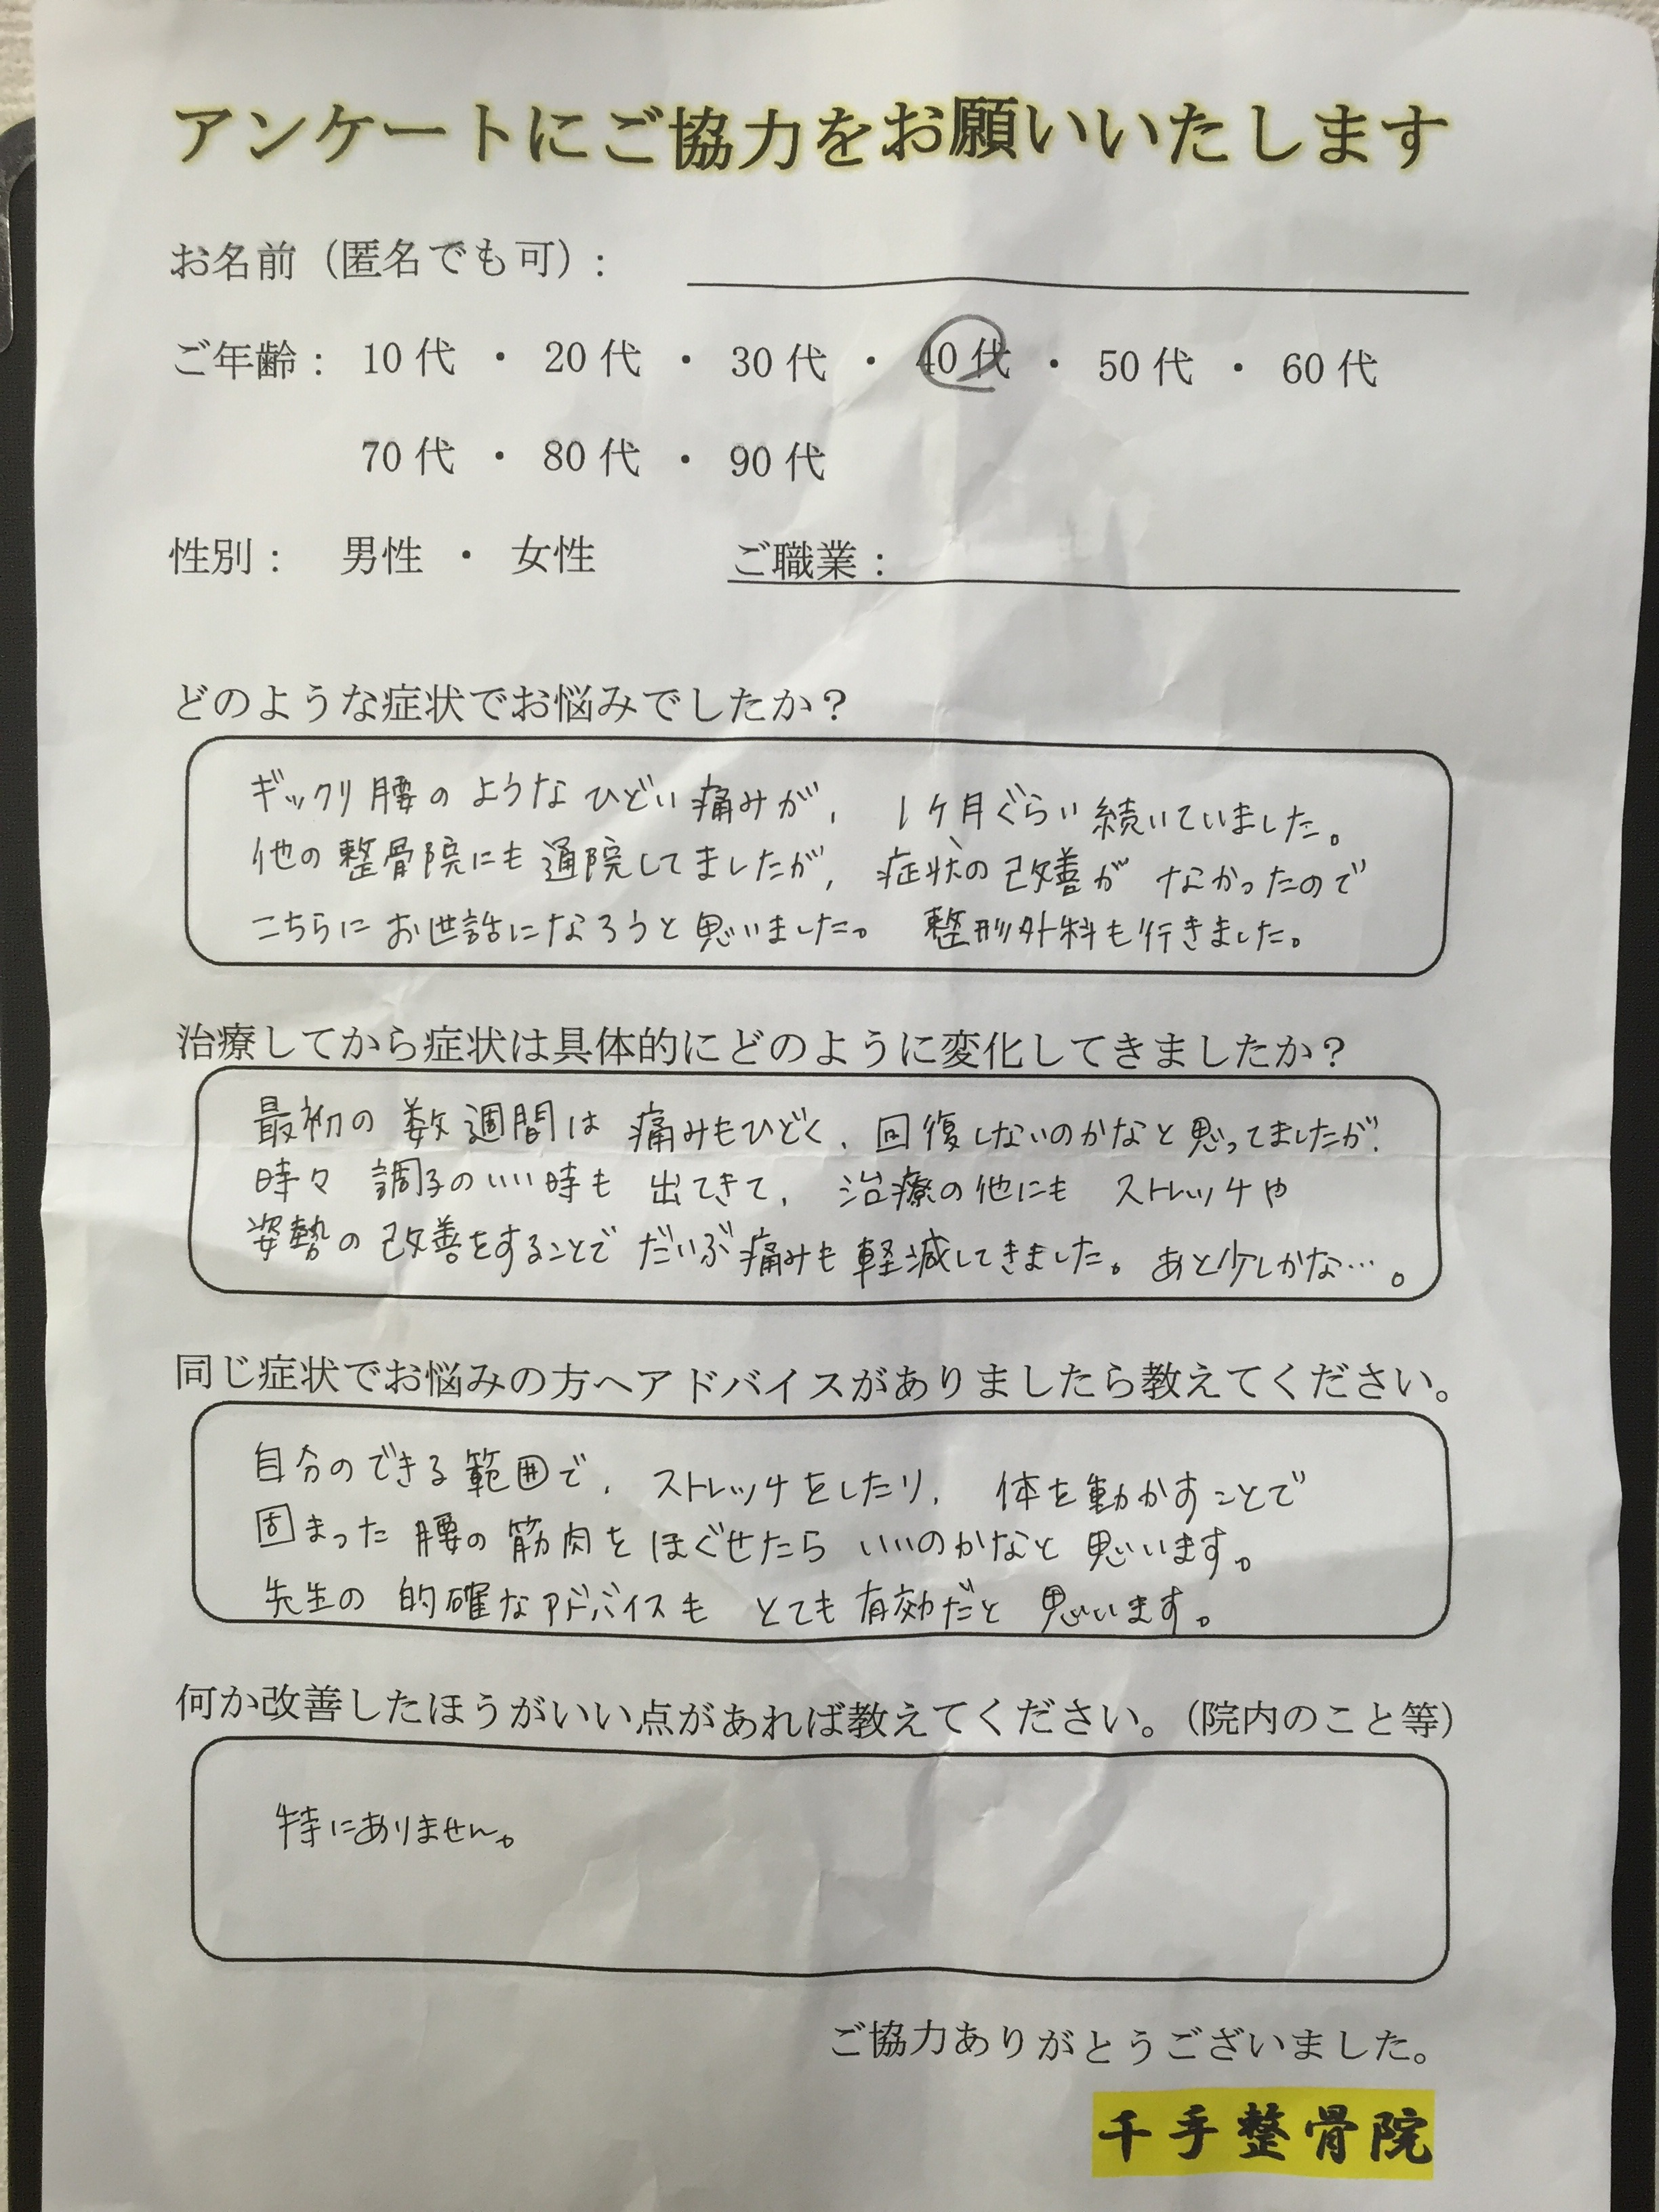 福原アンケート